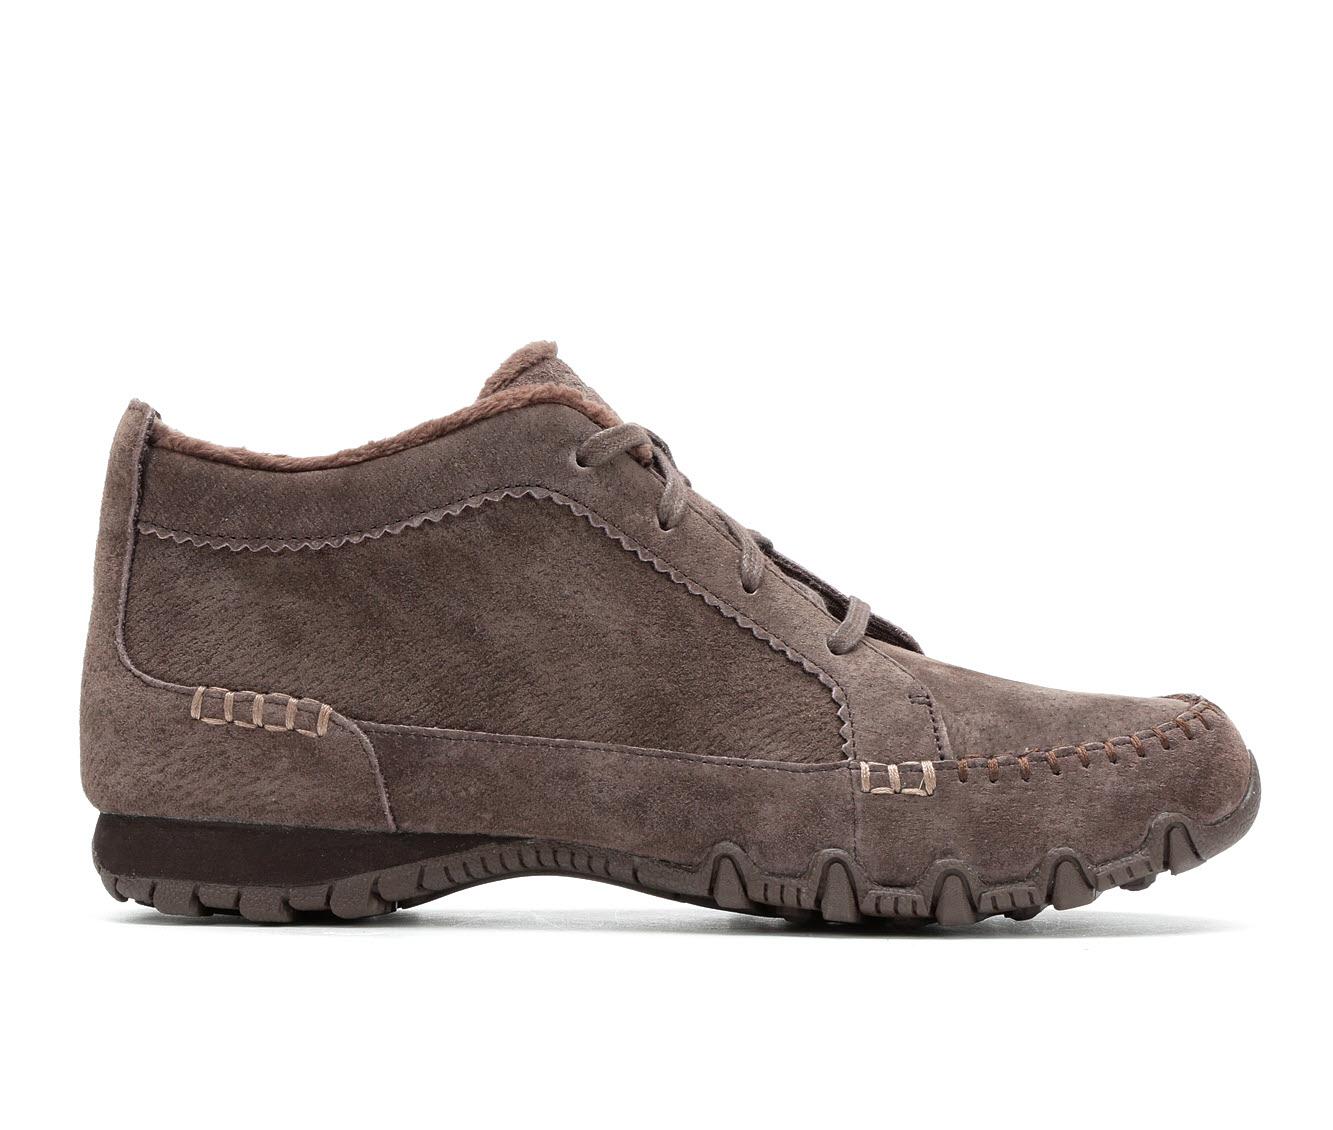 Skechers Lineage 44706 Women's Shoe (Brown Suede)